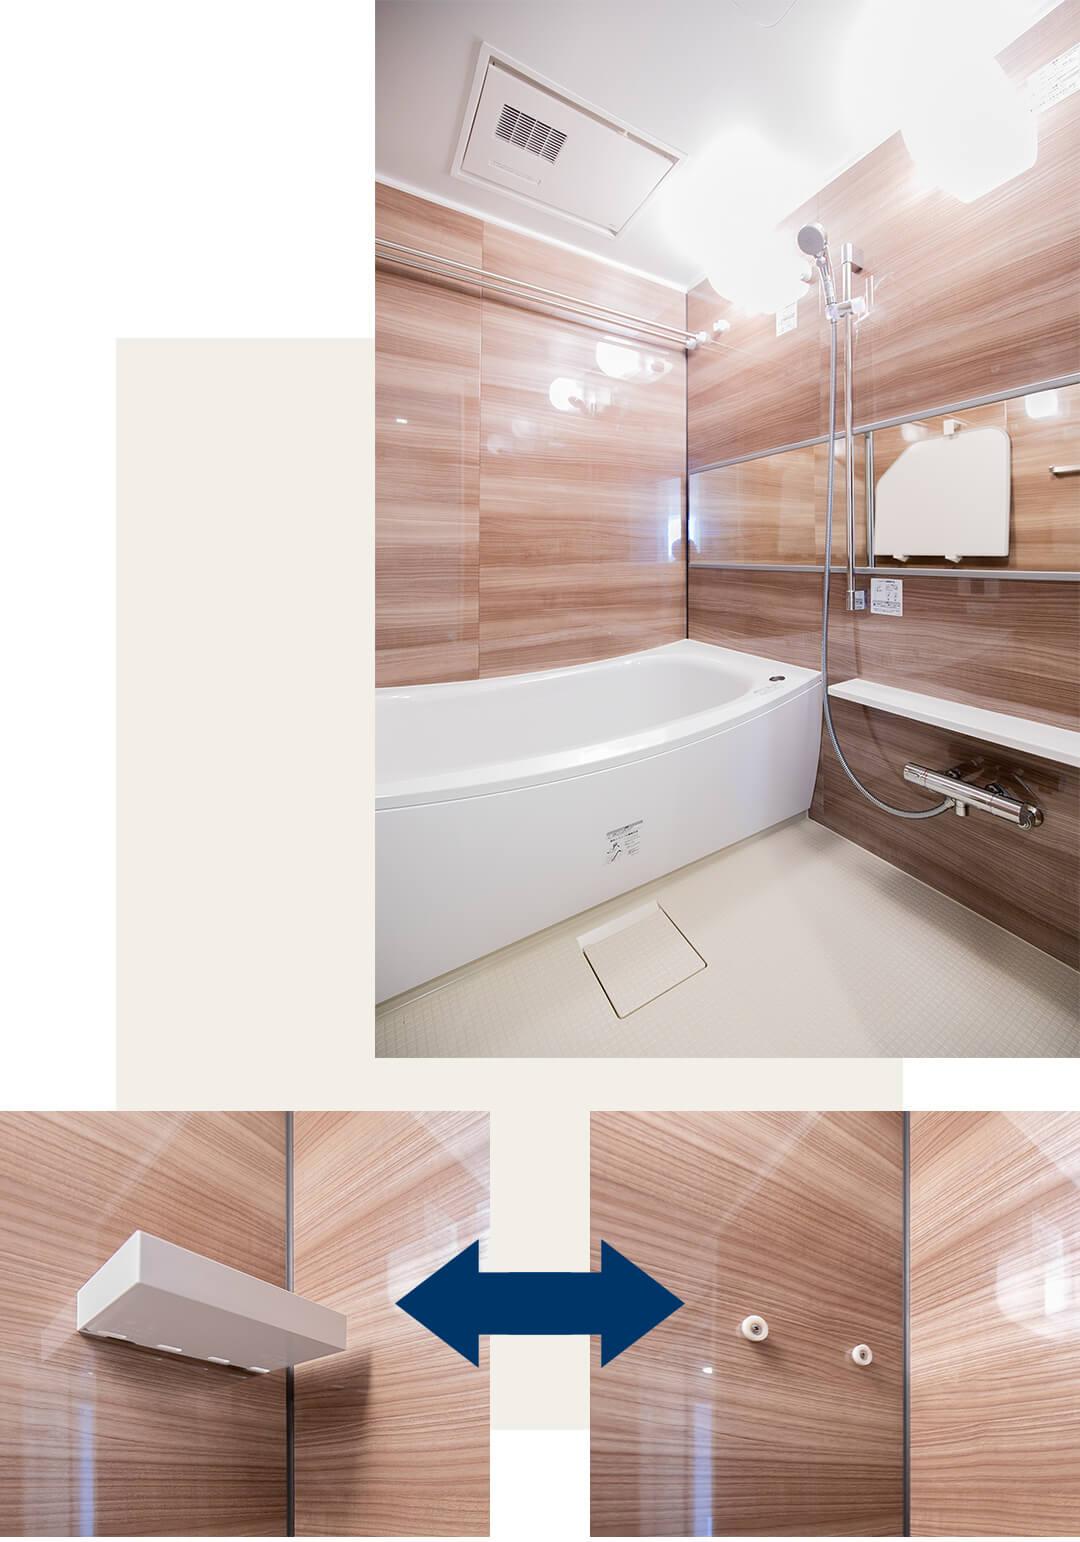 エンゼルハイム祖師谷大蔵の浴室